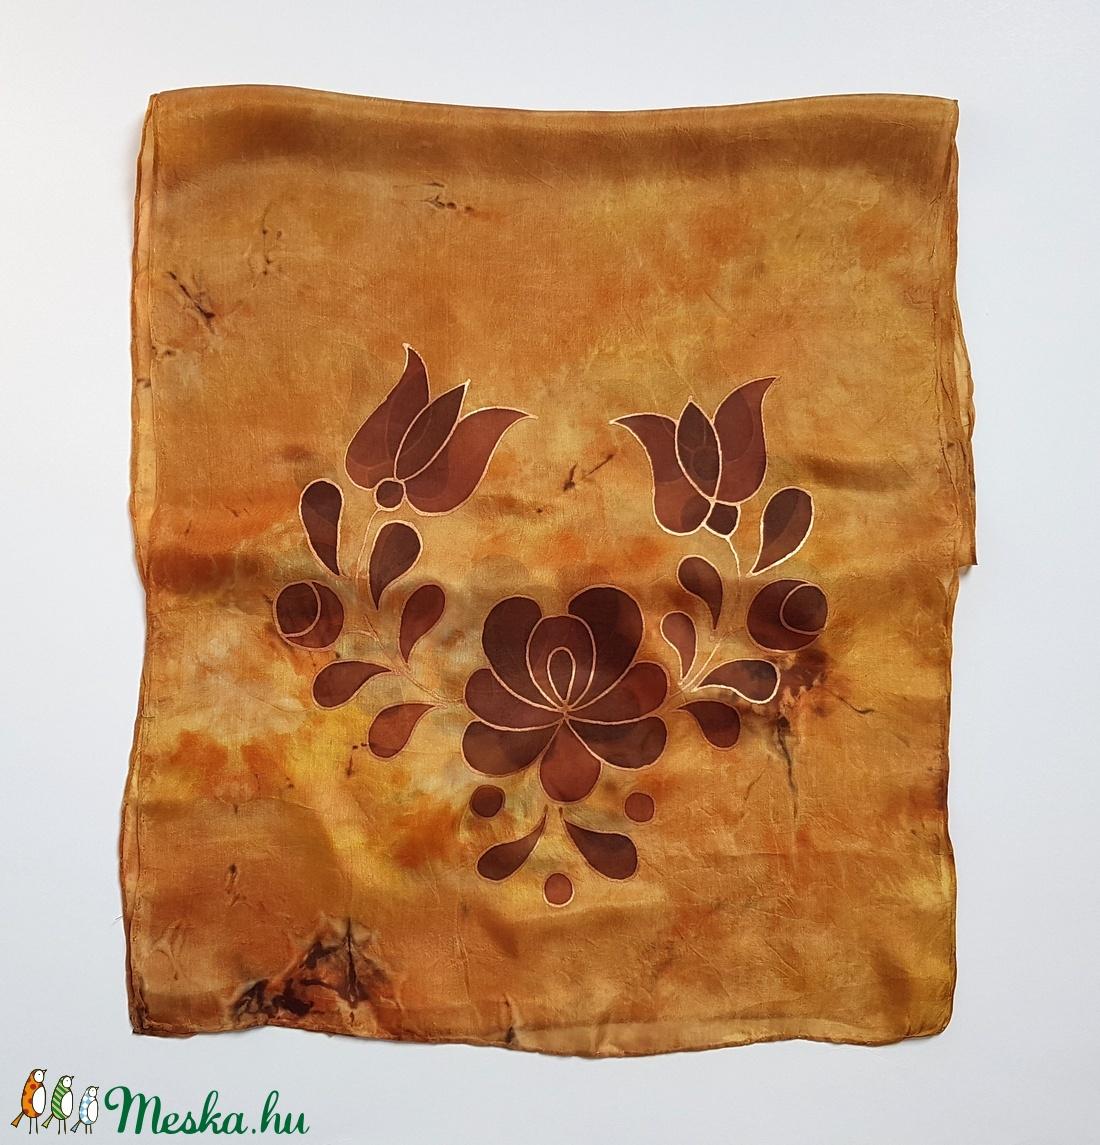 Kézzel festett színes SELYEMSÁL, magyar népművészet, matyó virág, barna és bronz_17 - ruha & divat - sál, sapka, kendő - sál - Meska.hu